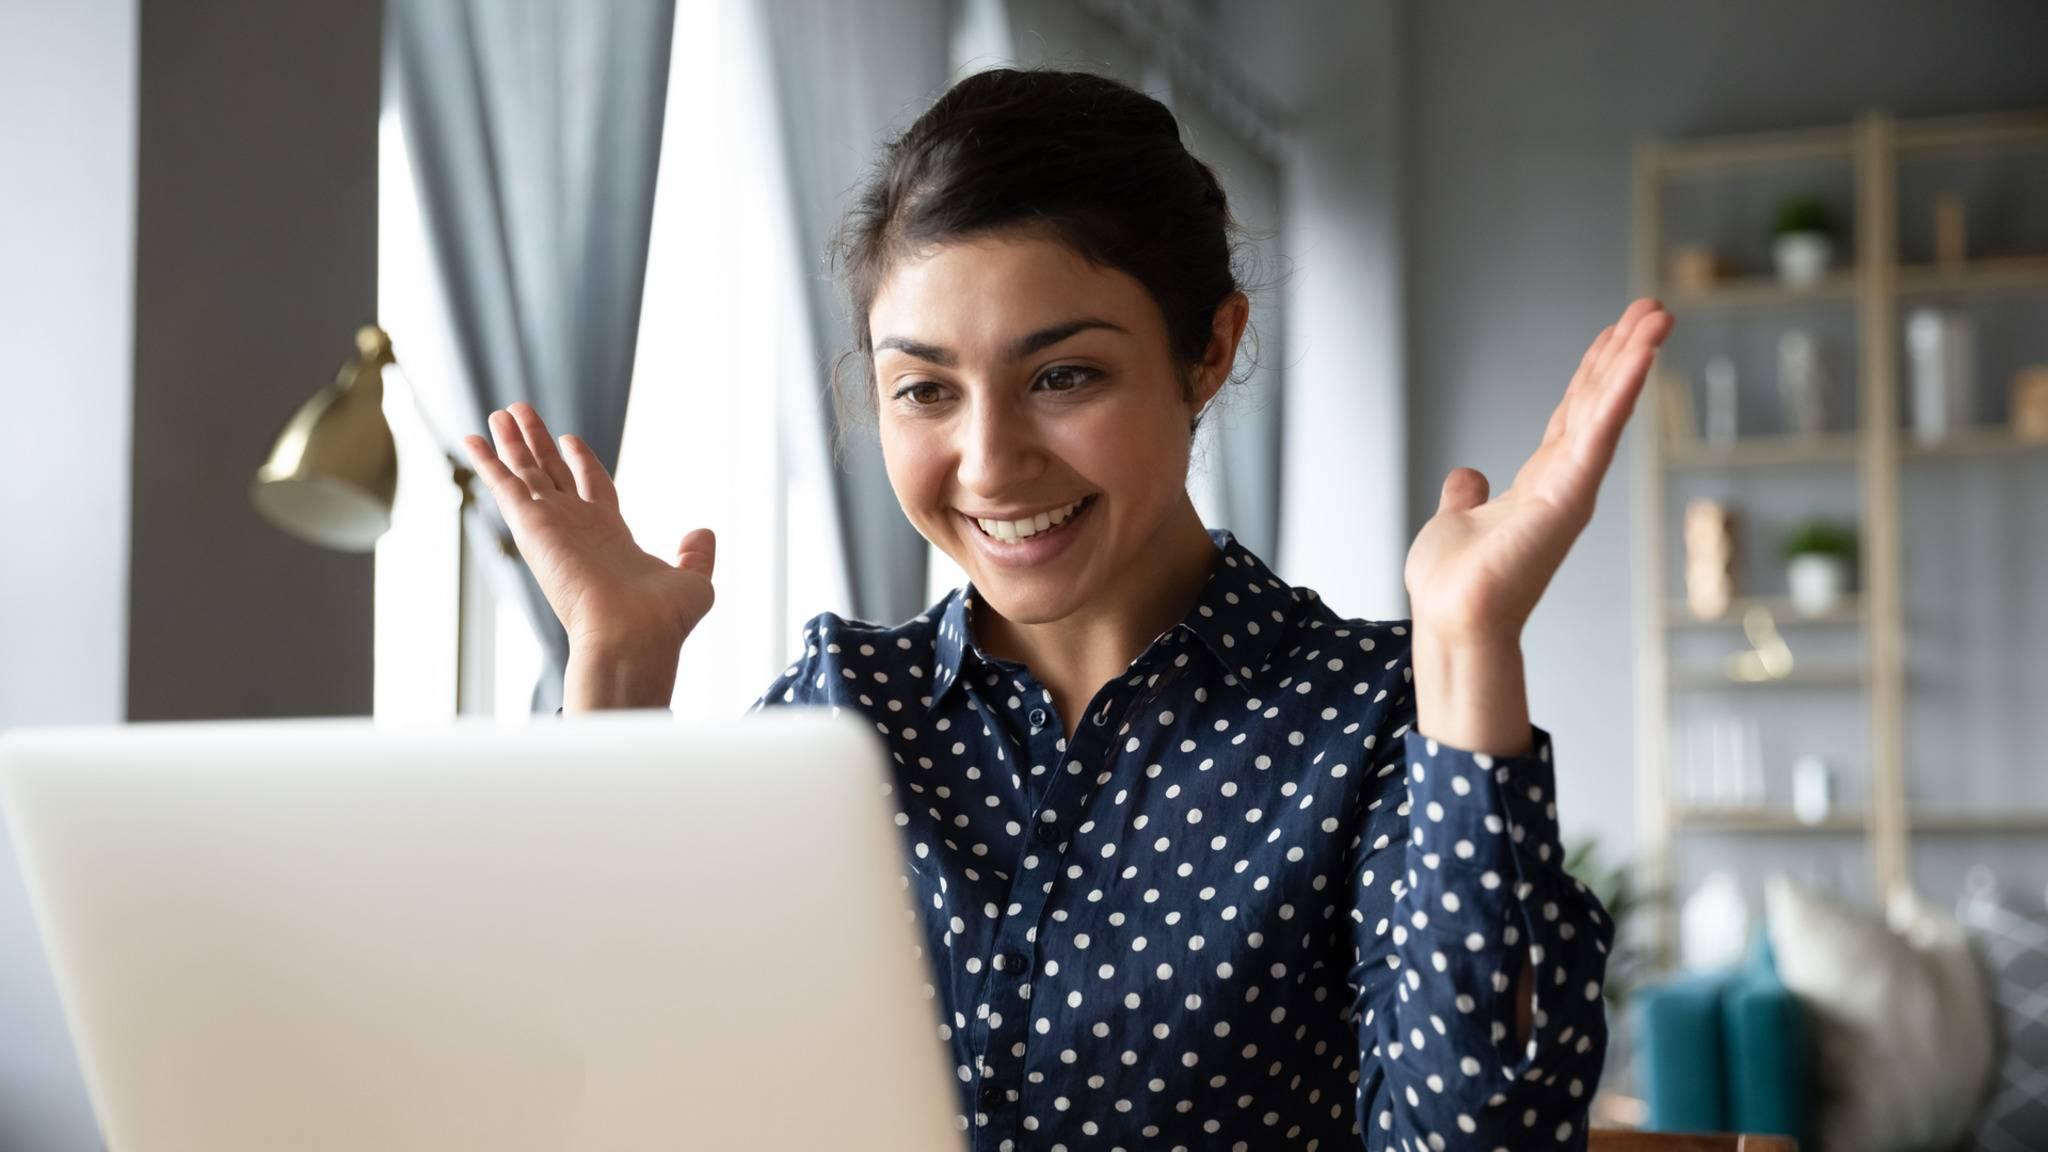 Frau-Computer-Laptop-ueberrascht-erstaunt-erfreut